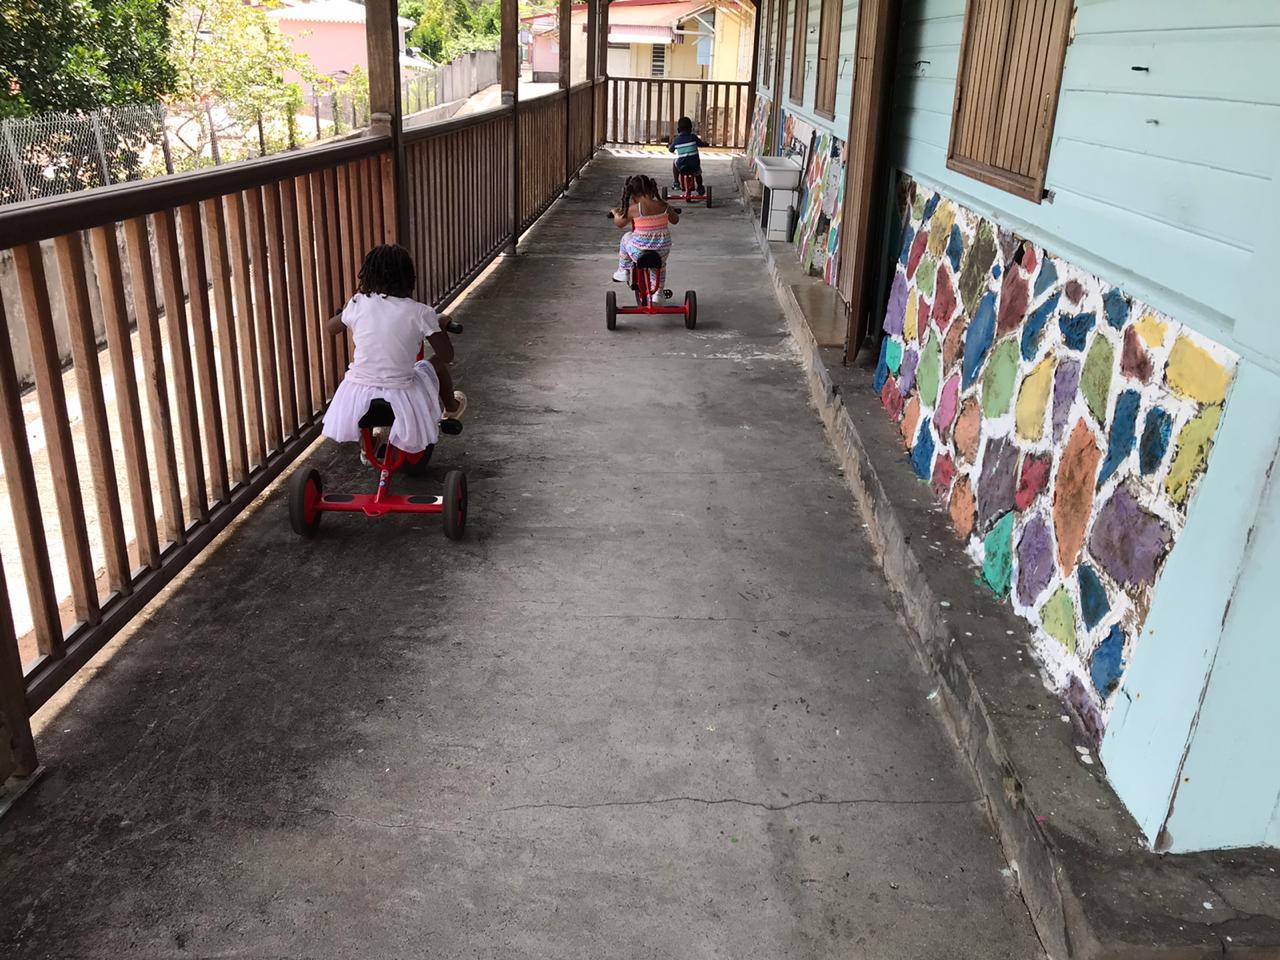 À l'école Flech Kann, les enfants de soignants vivent la crise autrement